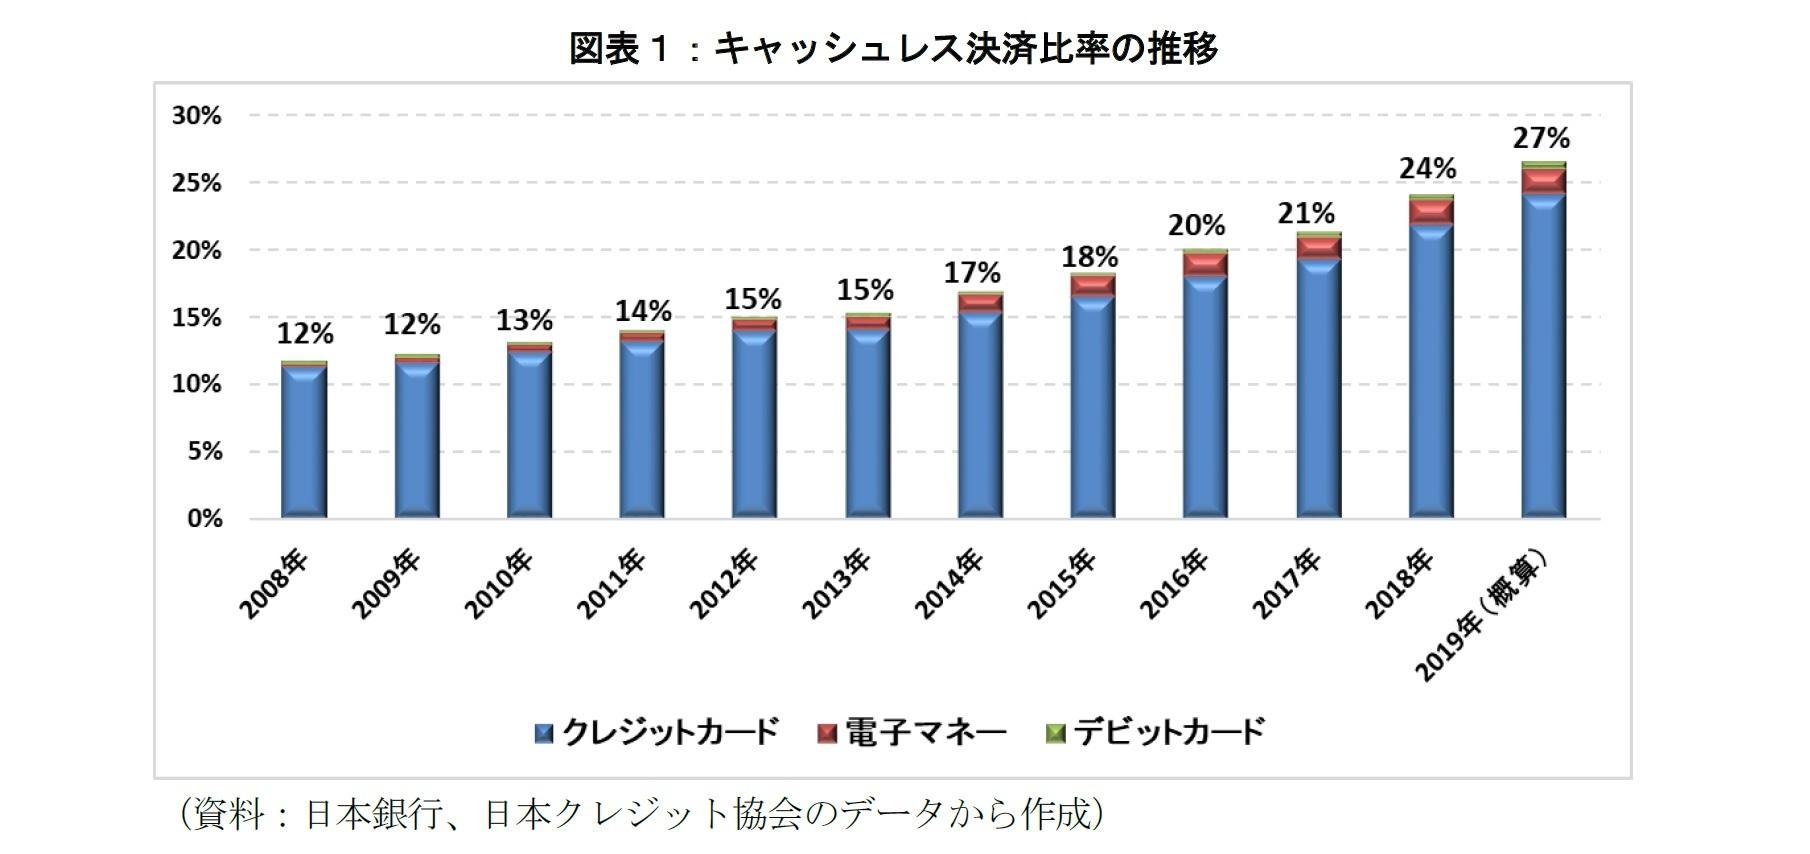 図表1:キャッシュレス決済比率の推移